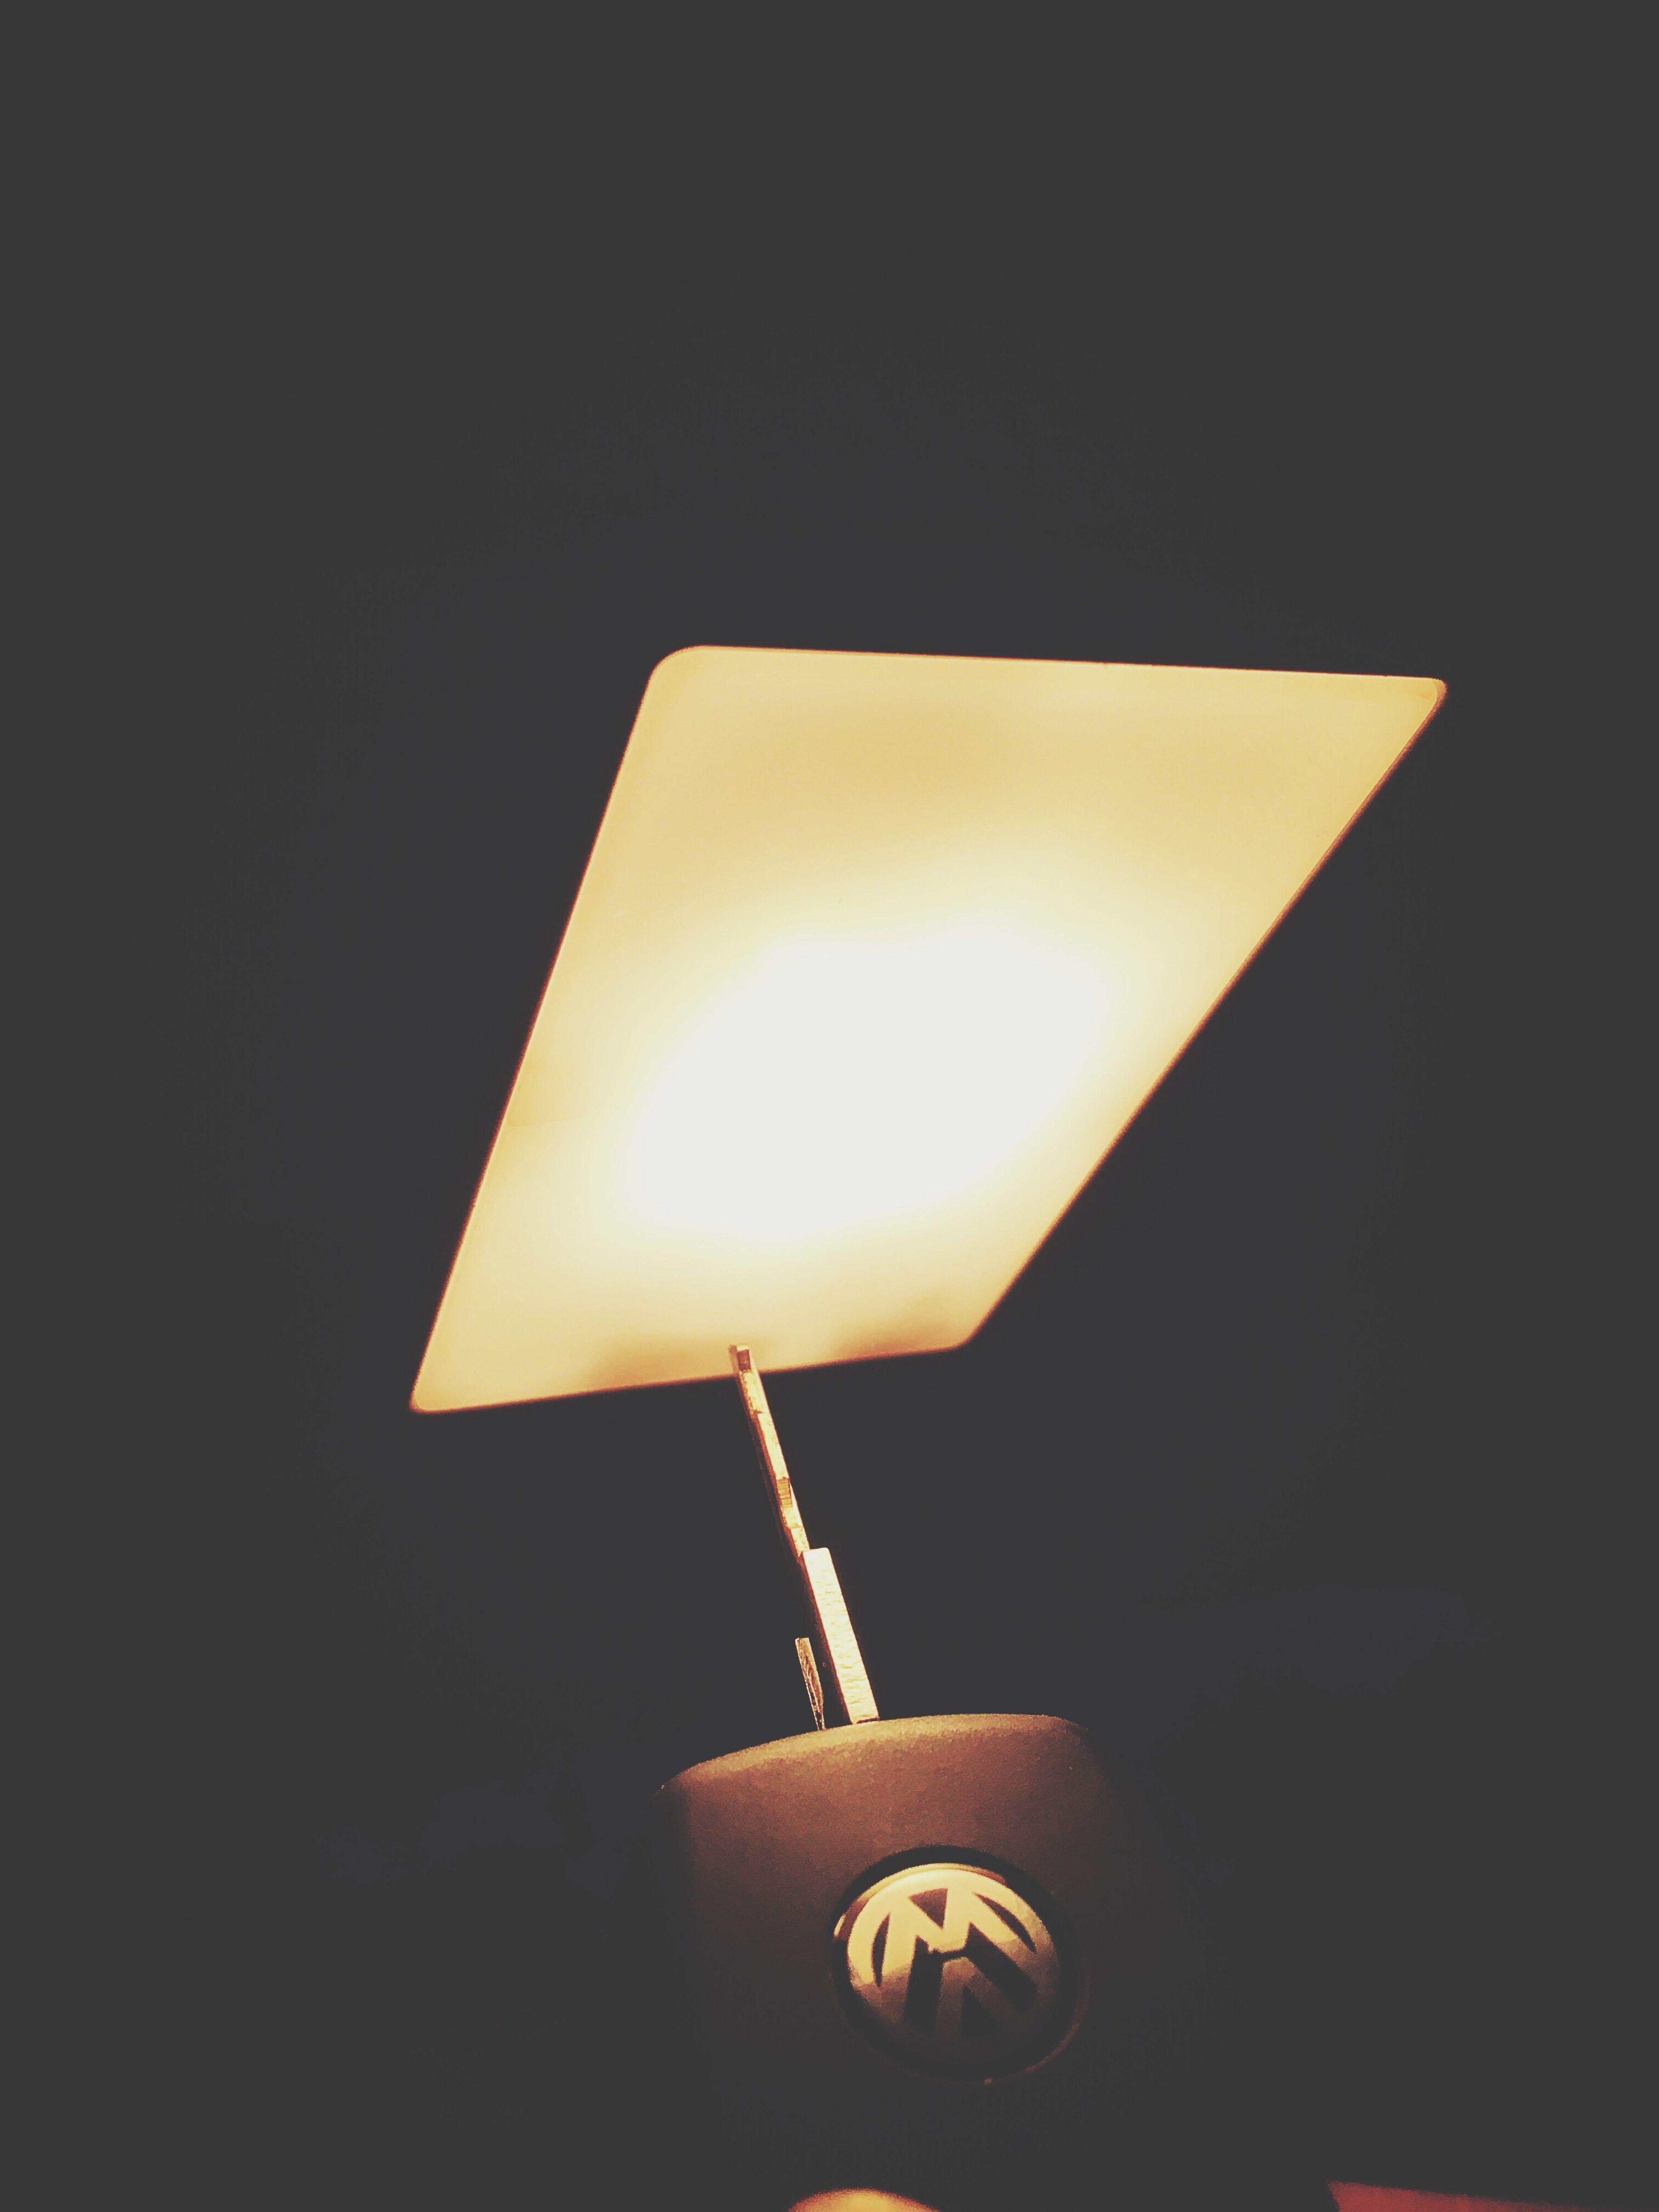 温暖的灯光下 Faw-volkswagen